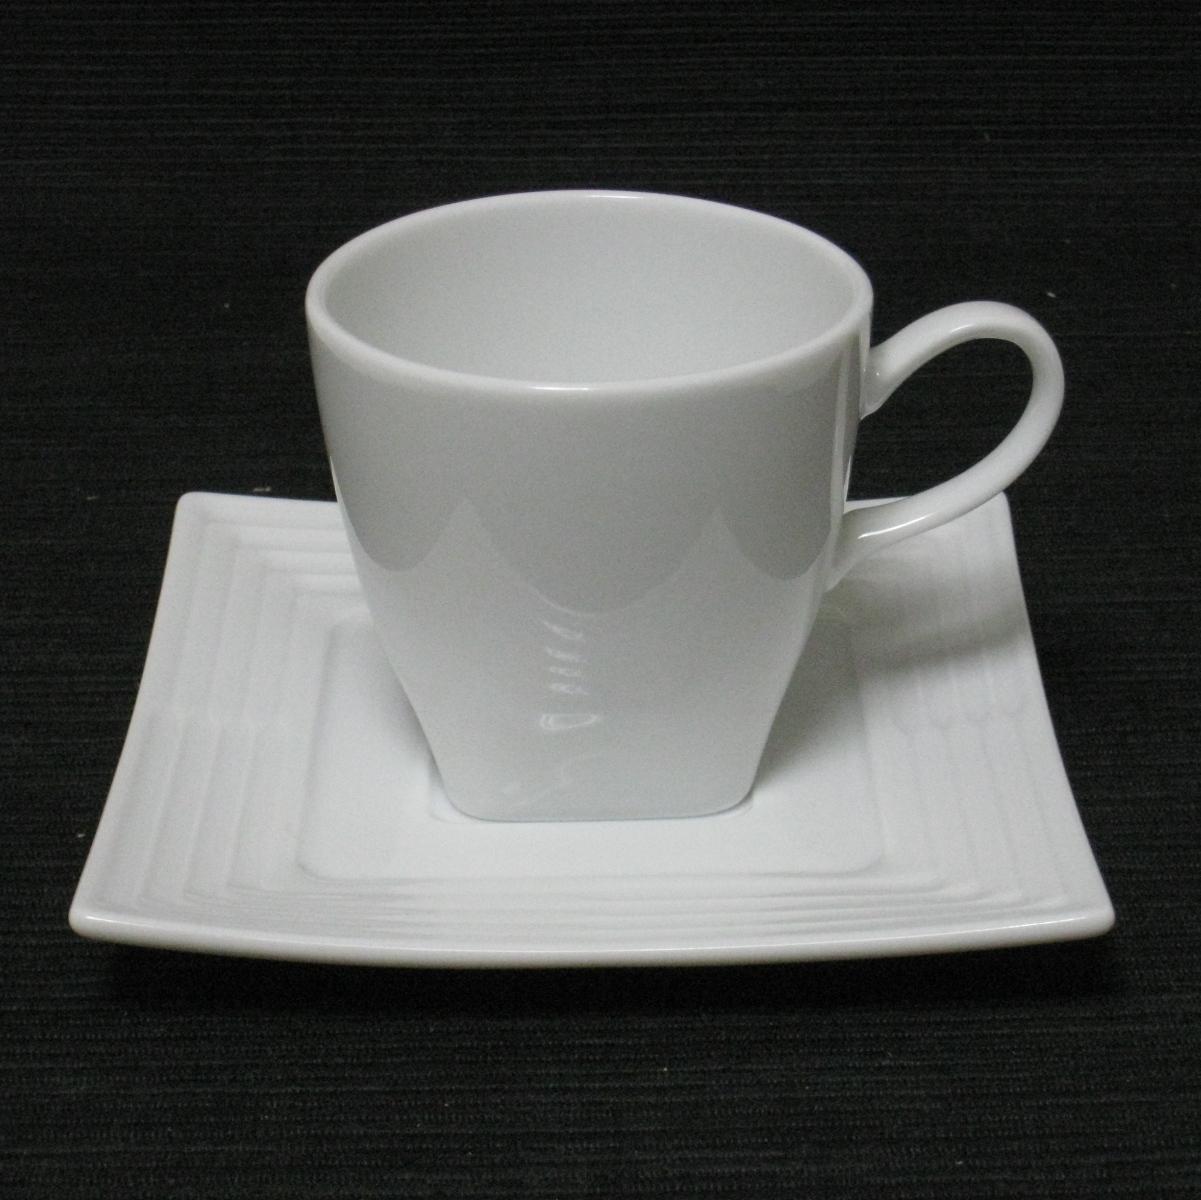 深山 クチート モカ コーヒーカップとソーサ